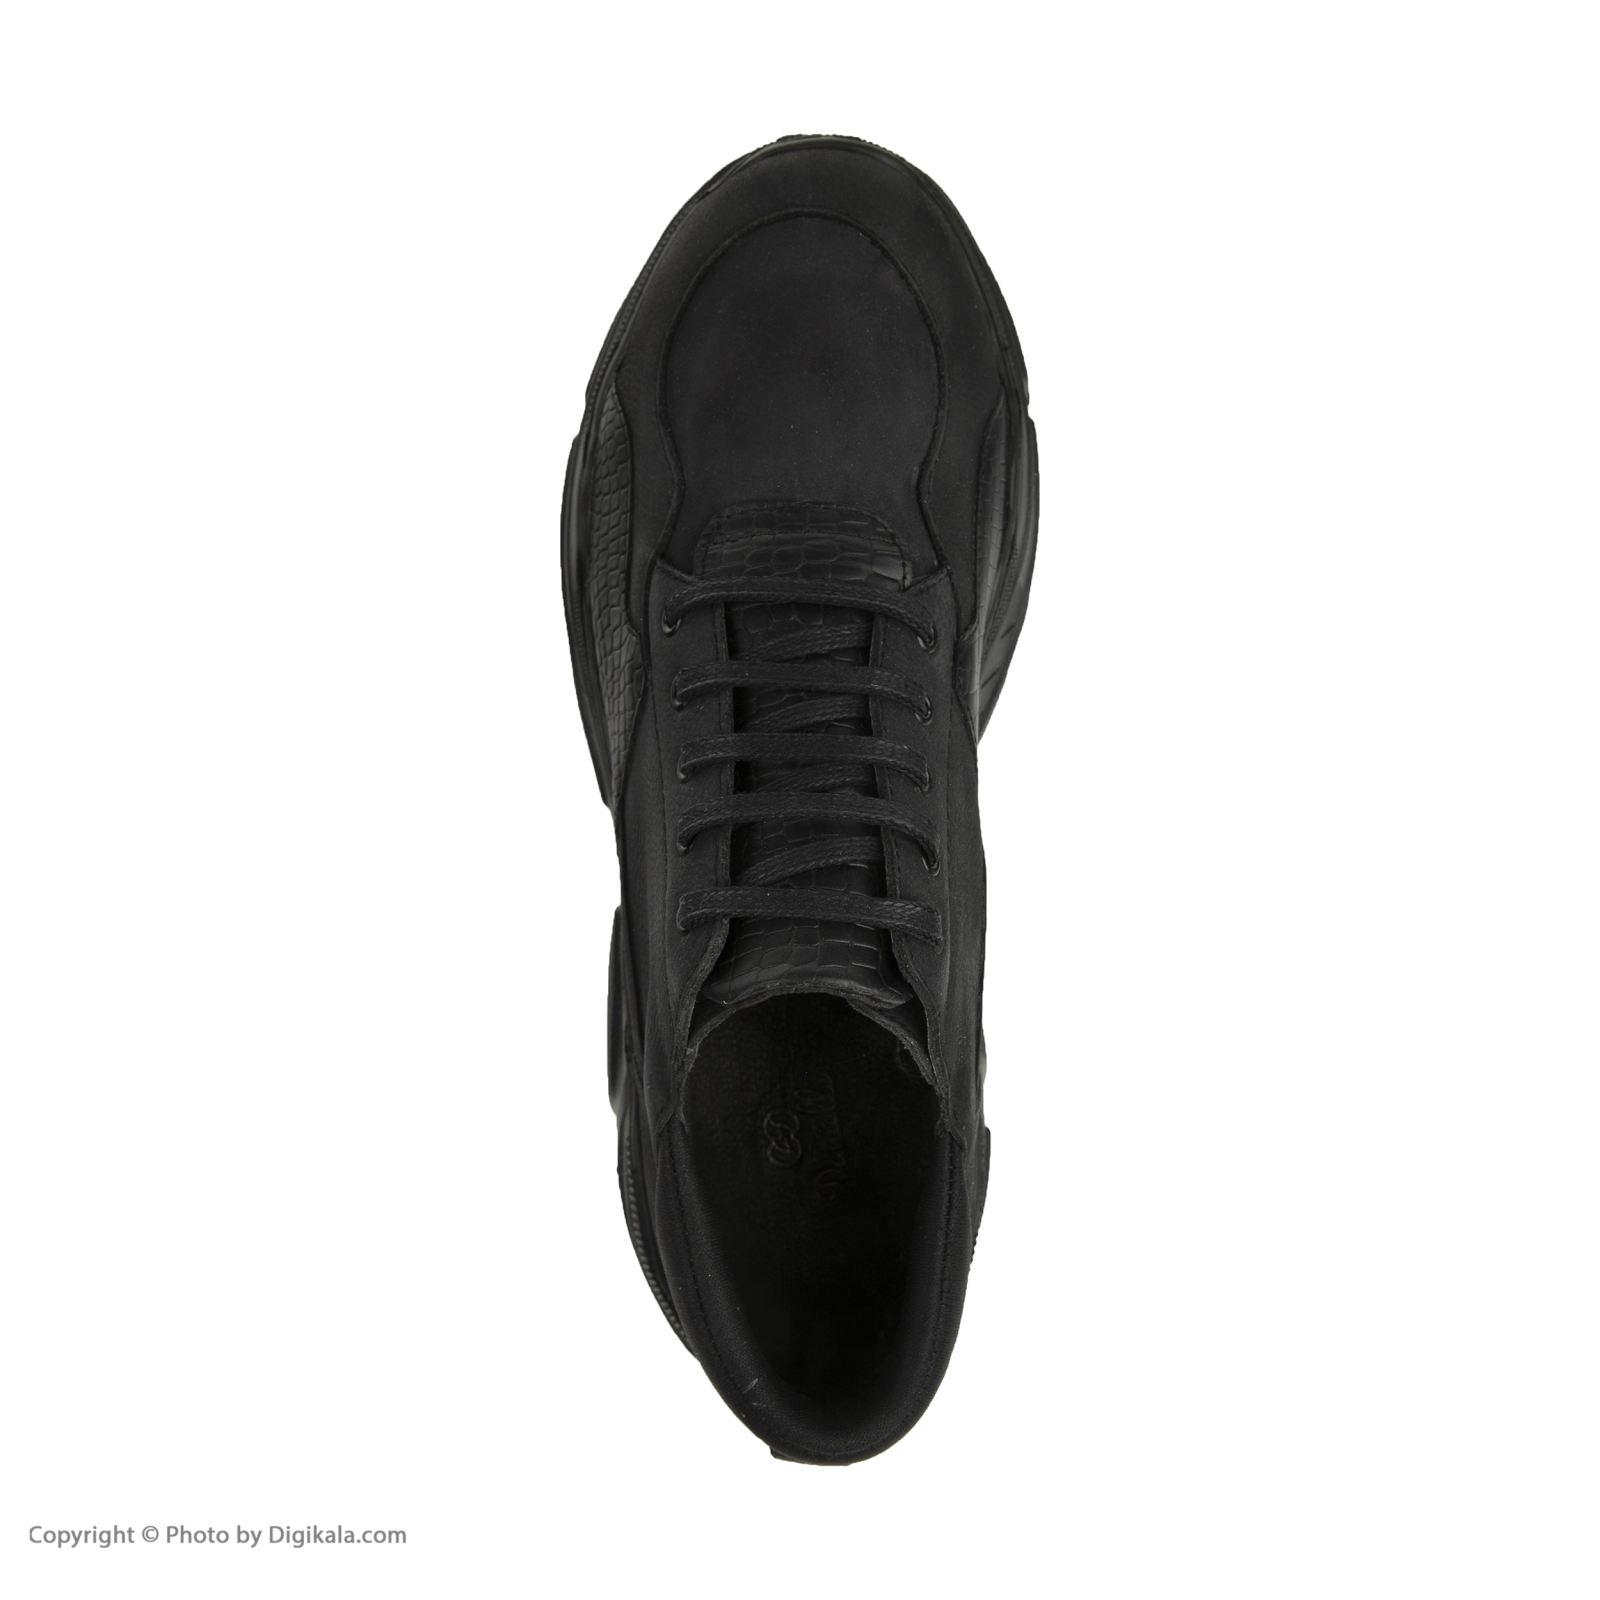 کفش روزمره زنانه دنیلی مدل Armila-242070716030 -  - 7